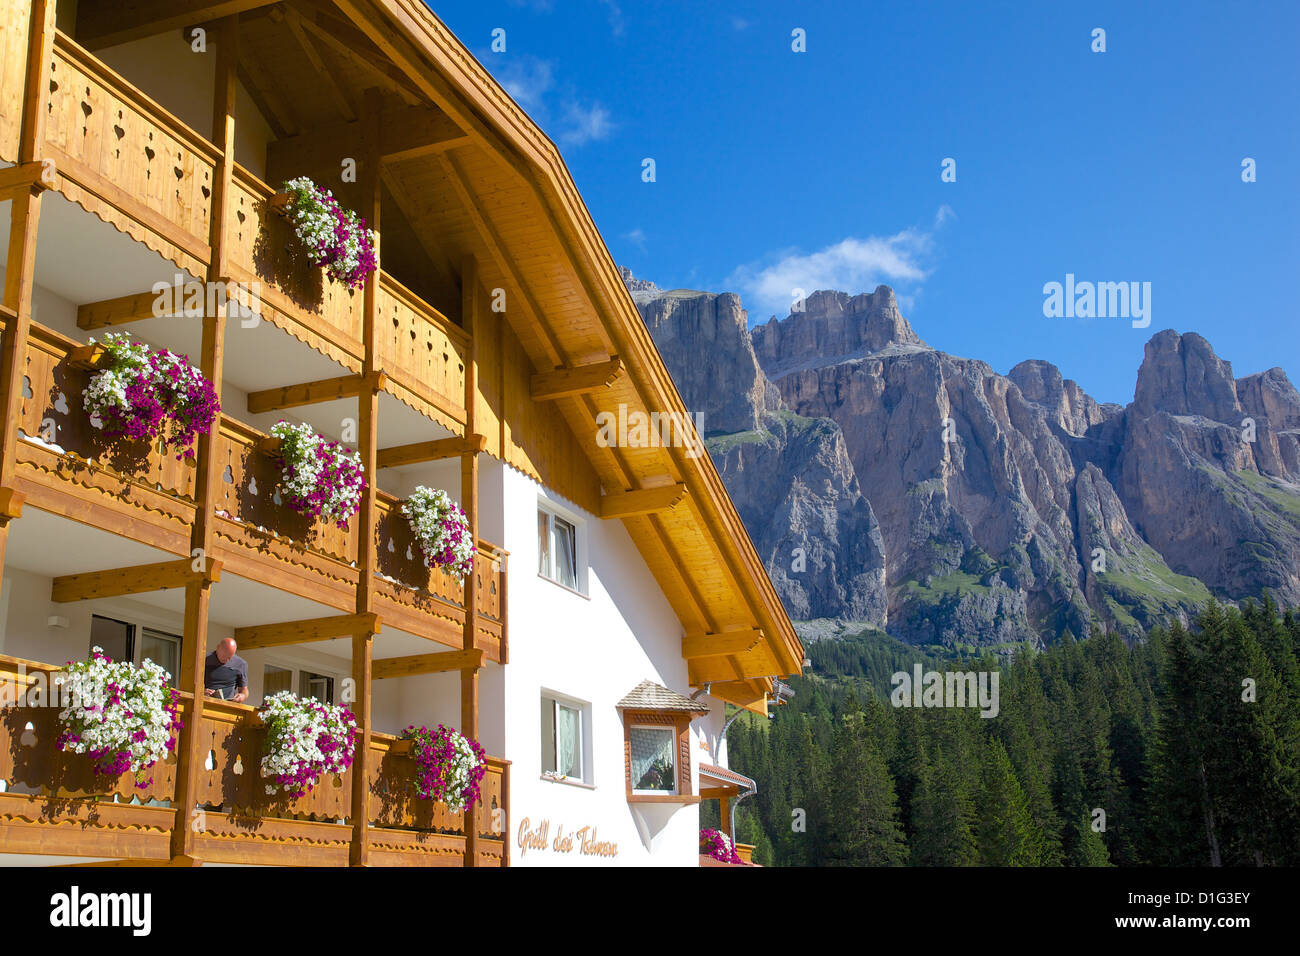 Sella Pass and chalet, Trento and Bolzano Provinces, Italian Dolomites, Italy, Europe - Stock Image